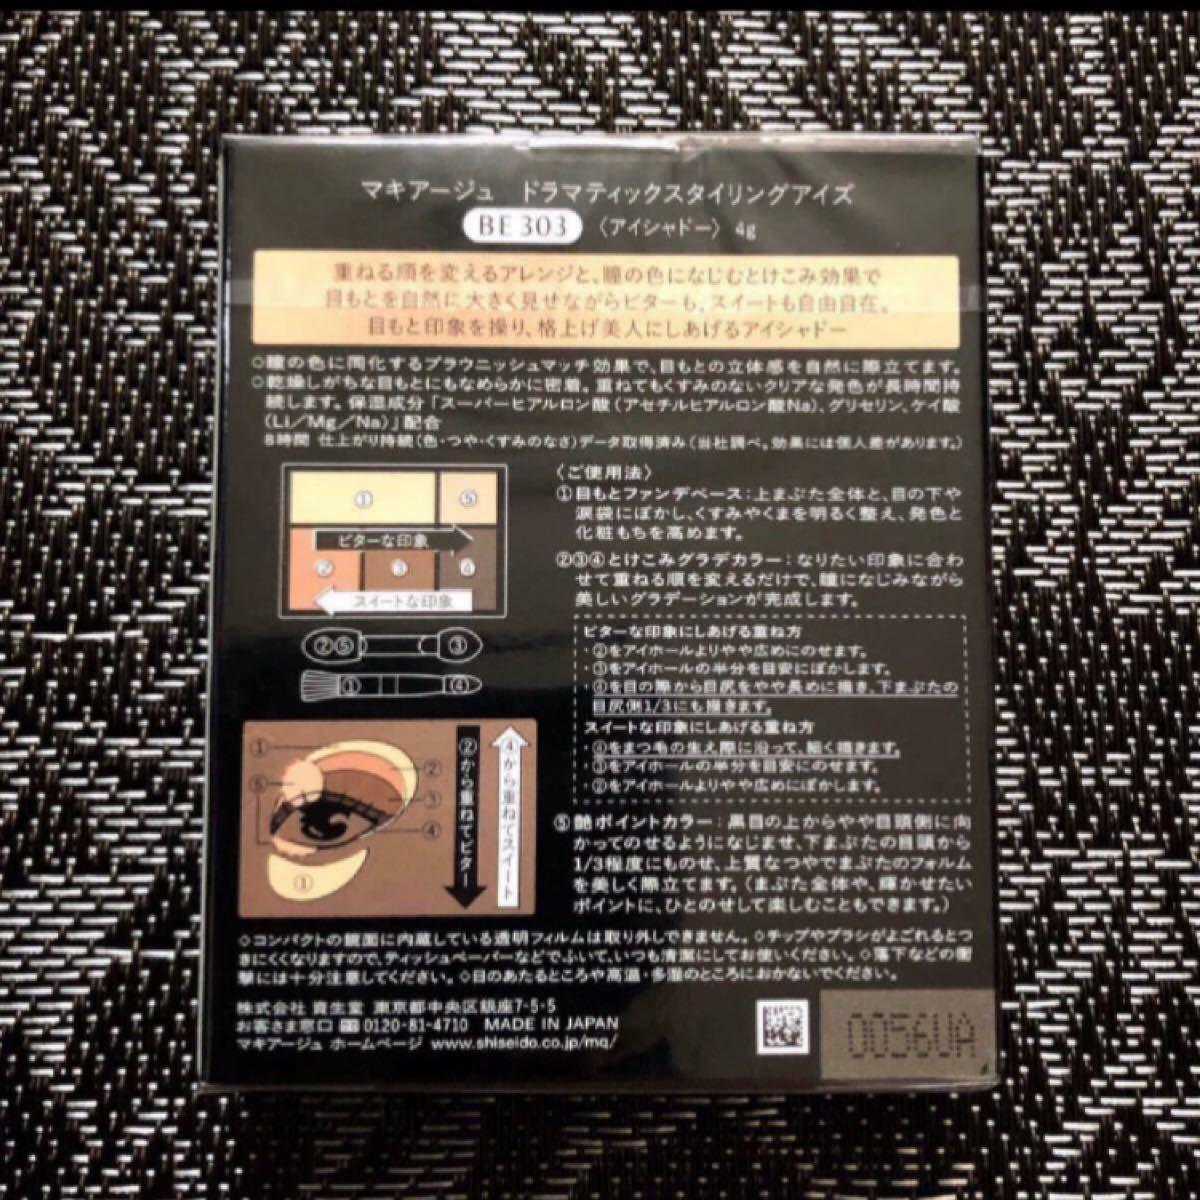 マキアージュ ドラマティックスタイリングアイズBE303